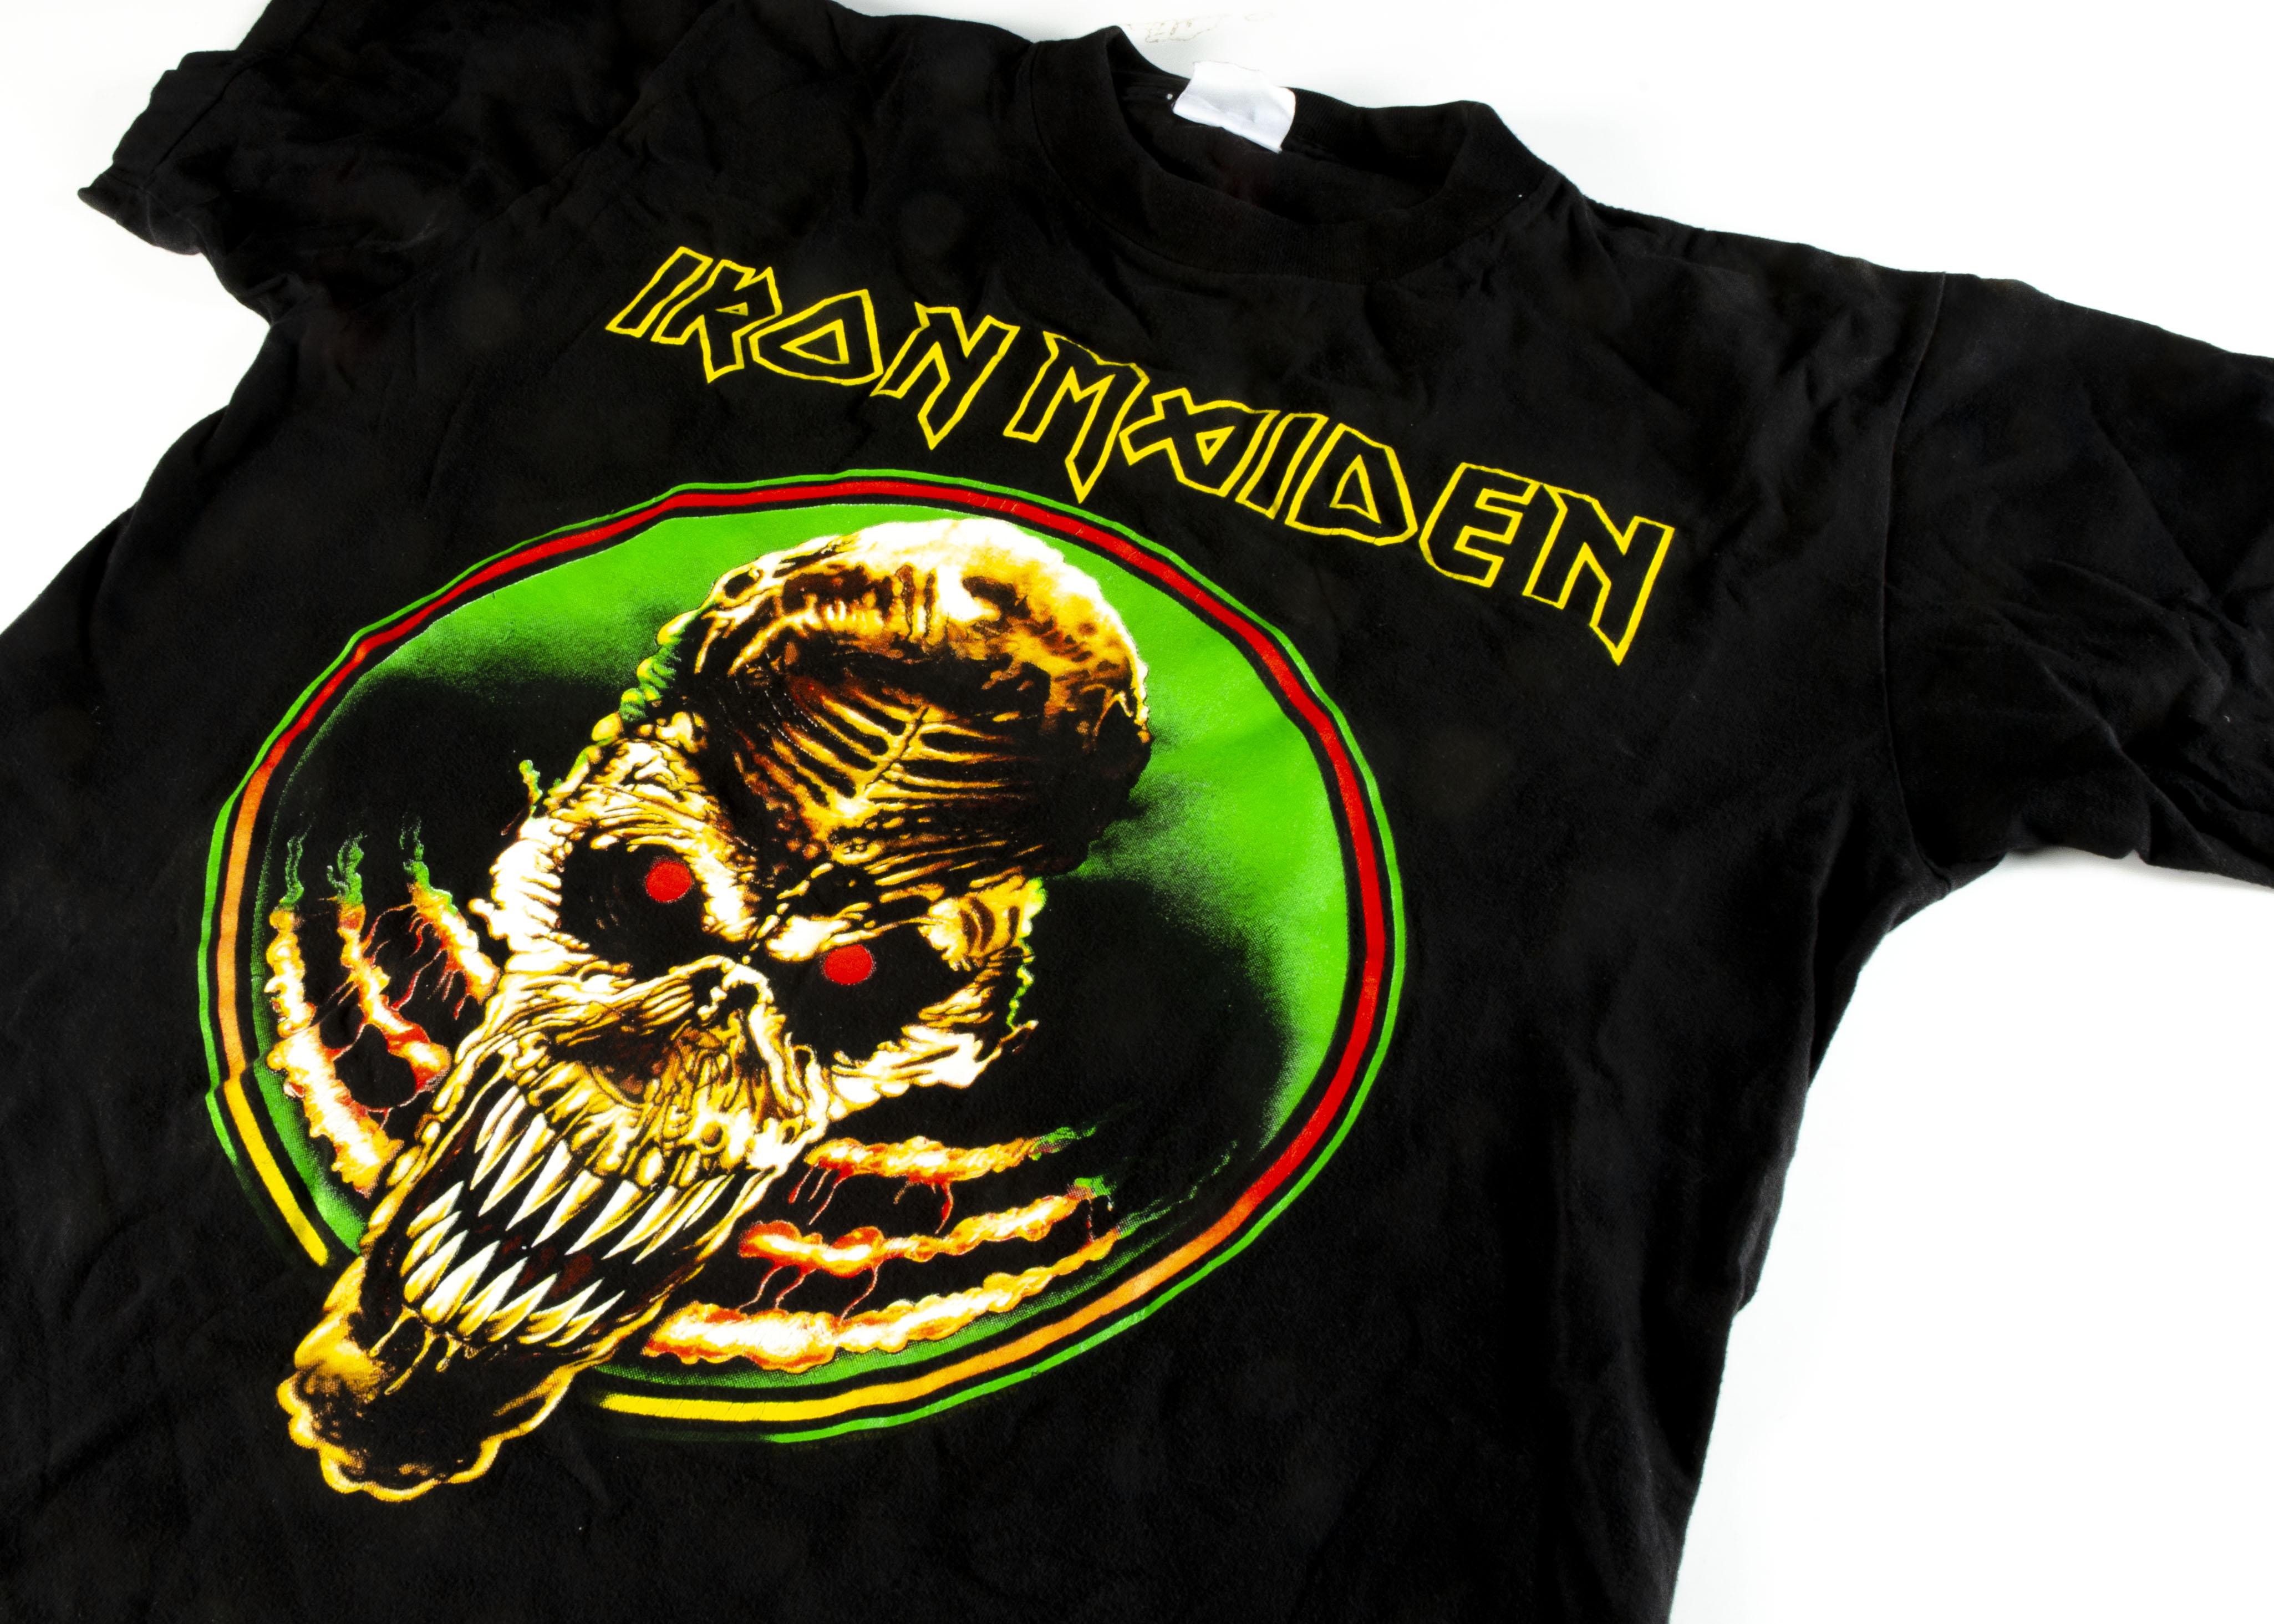 Iron Maiden 'Fear of the Dark' 'T' Shirt, Iron Maiden 'T' shirt - Fear of the Dark World Tour